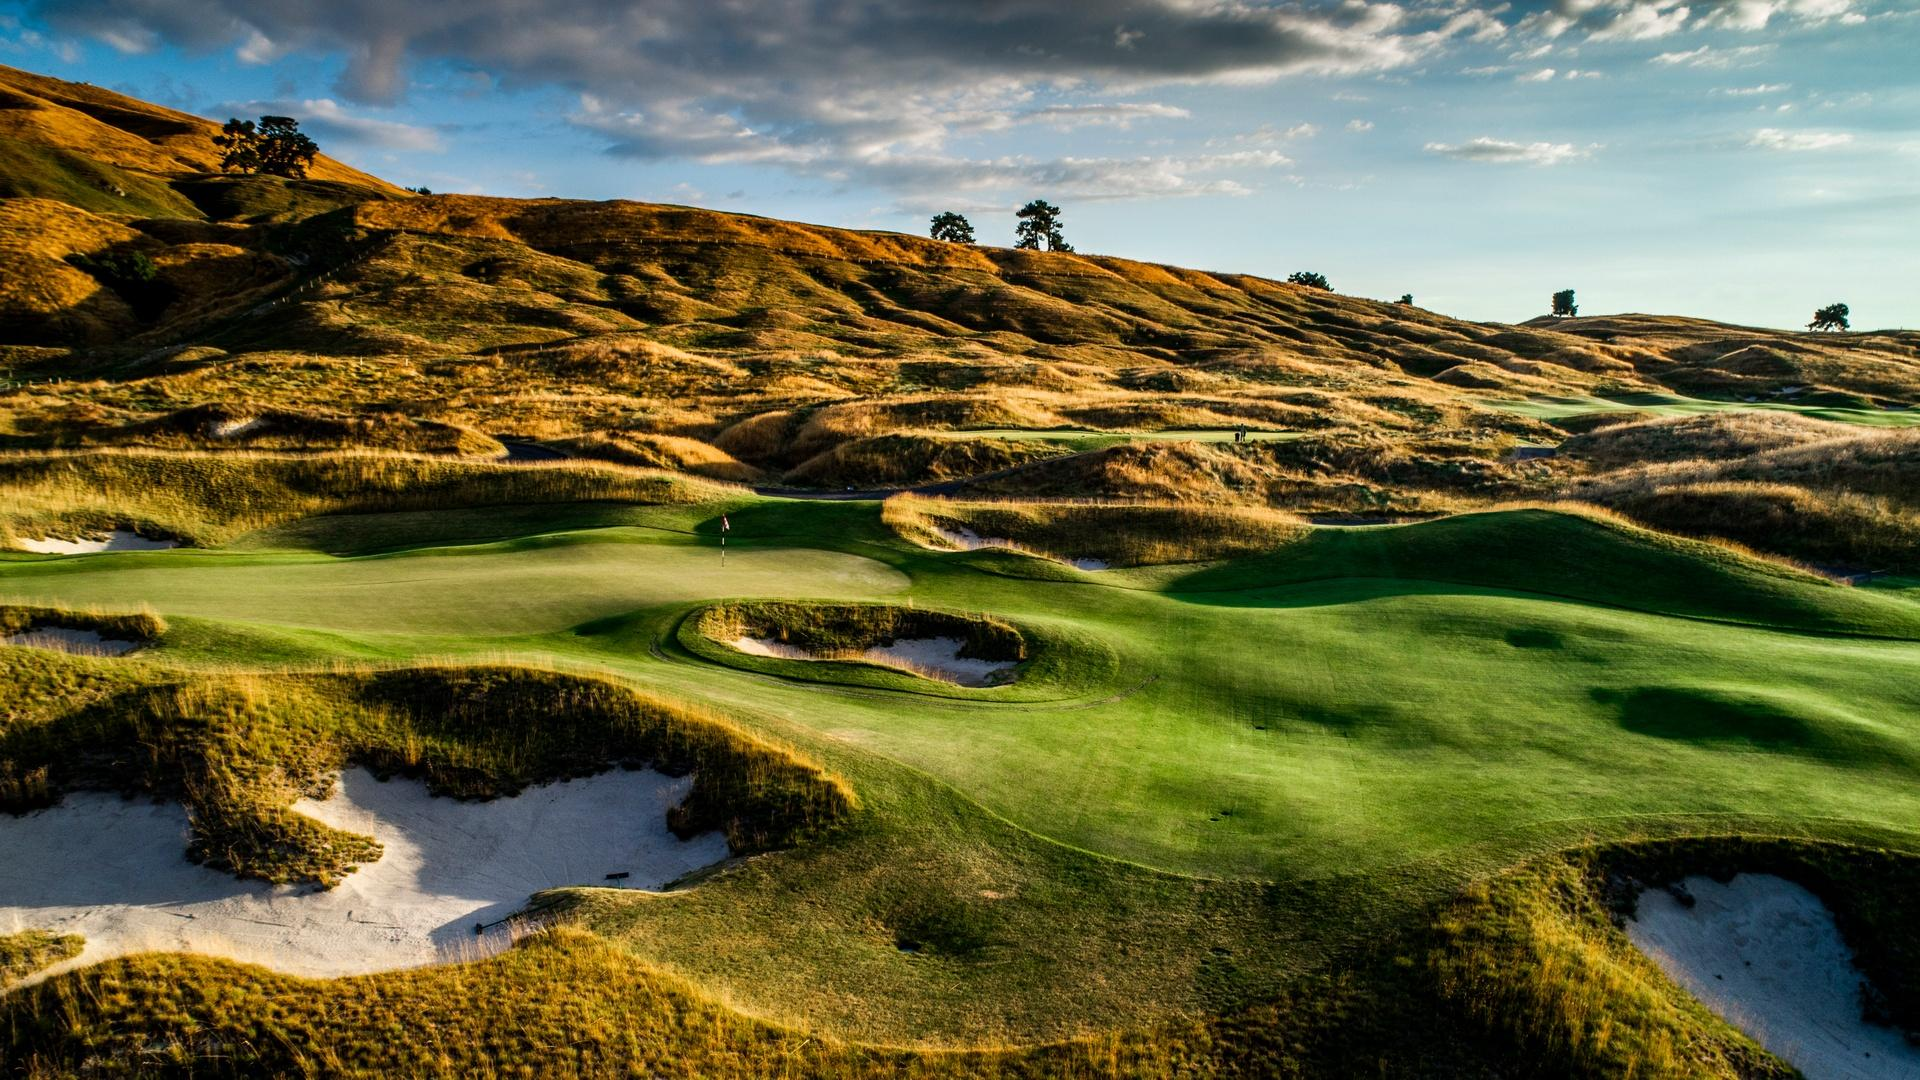 Kinloch Golf Course